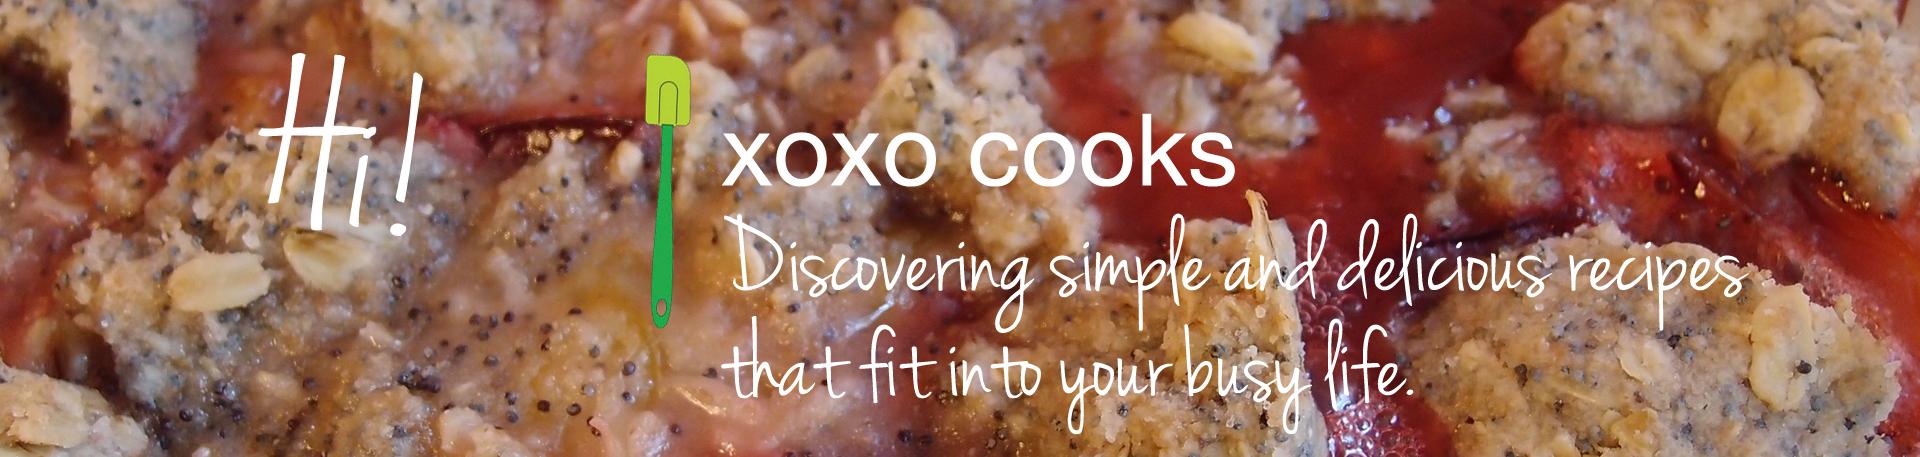 xoxo cooks